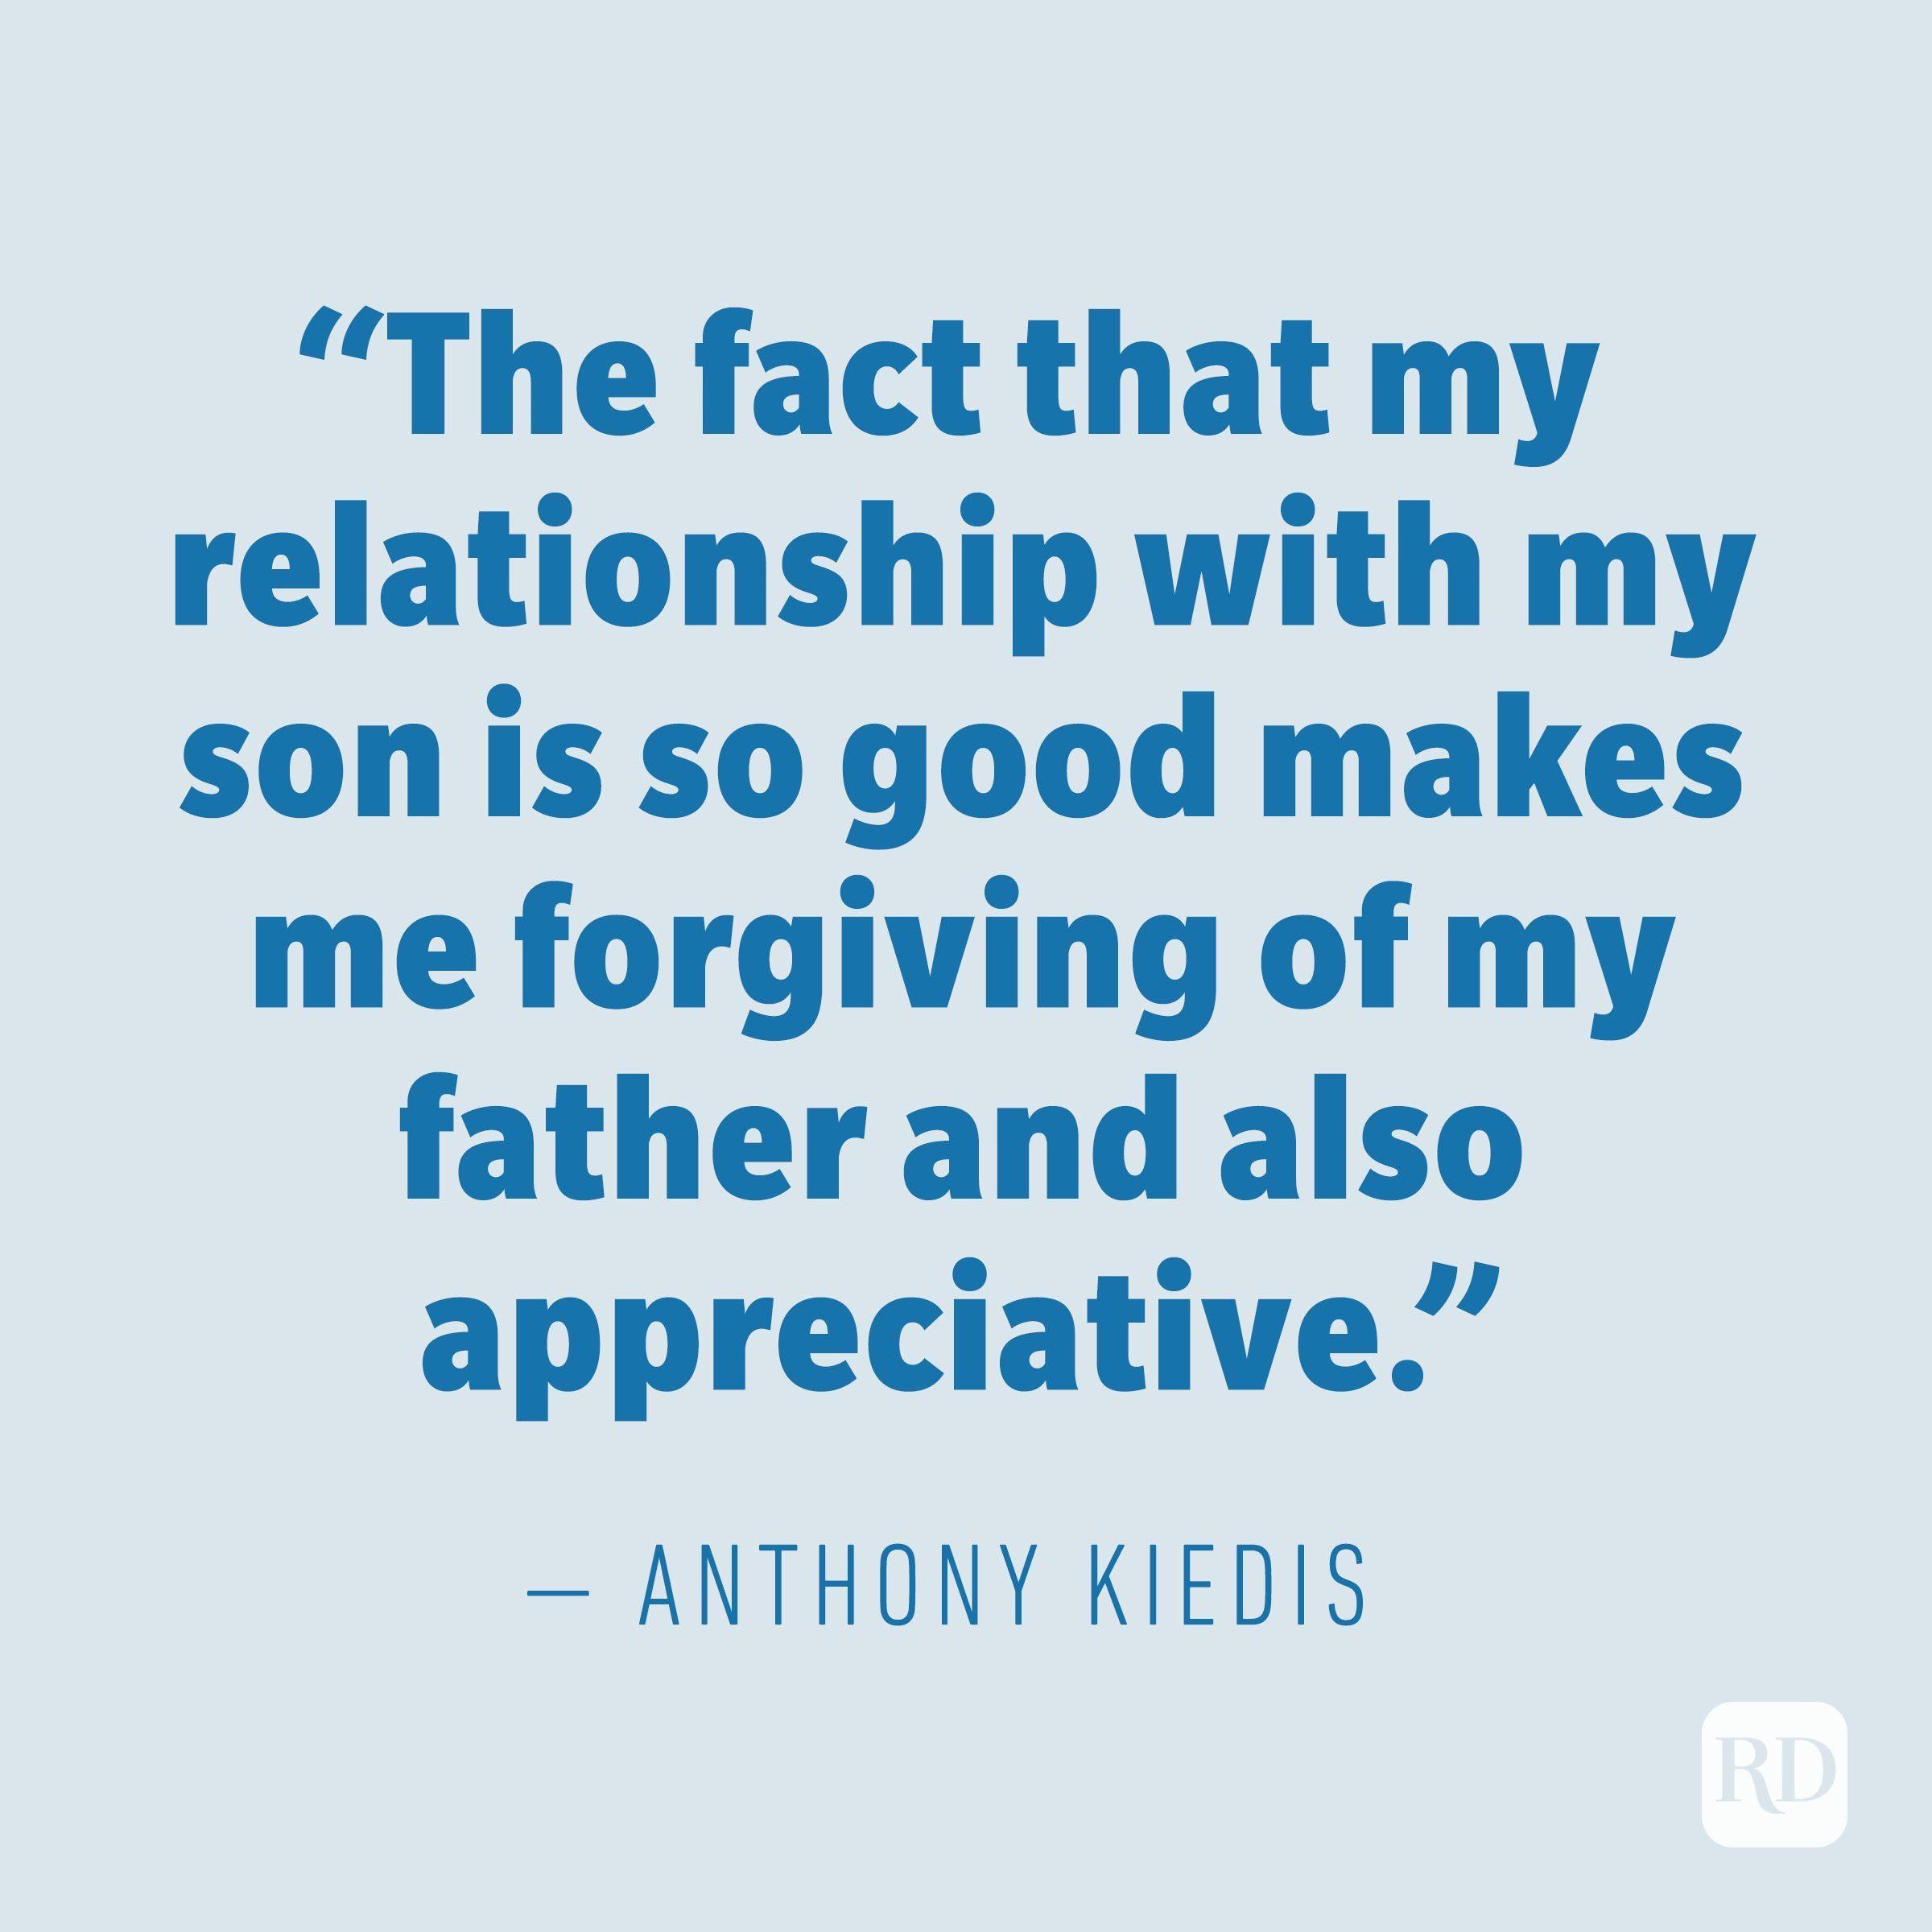 Anthony Kiedis quote